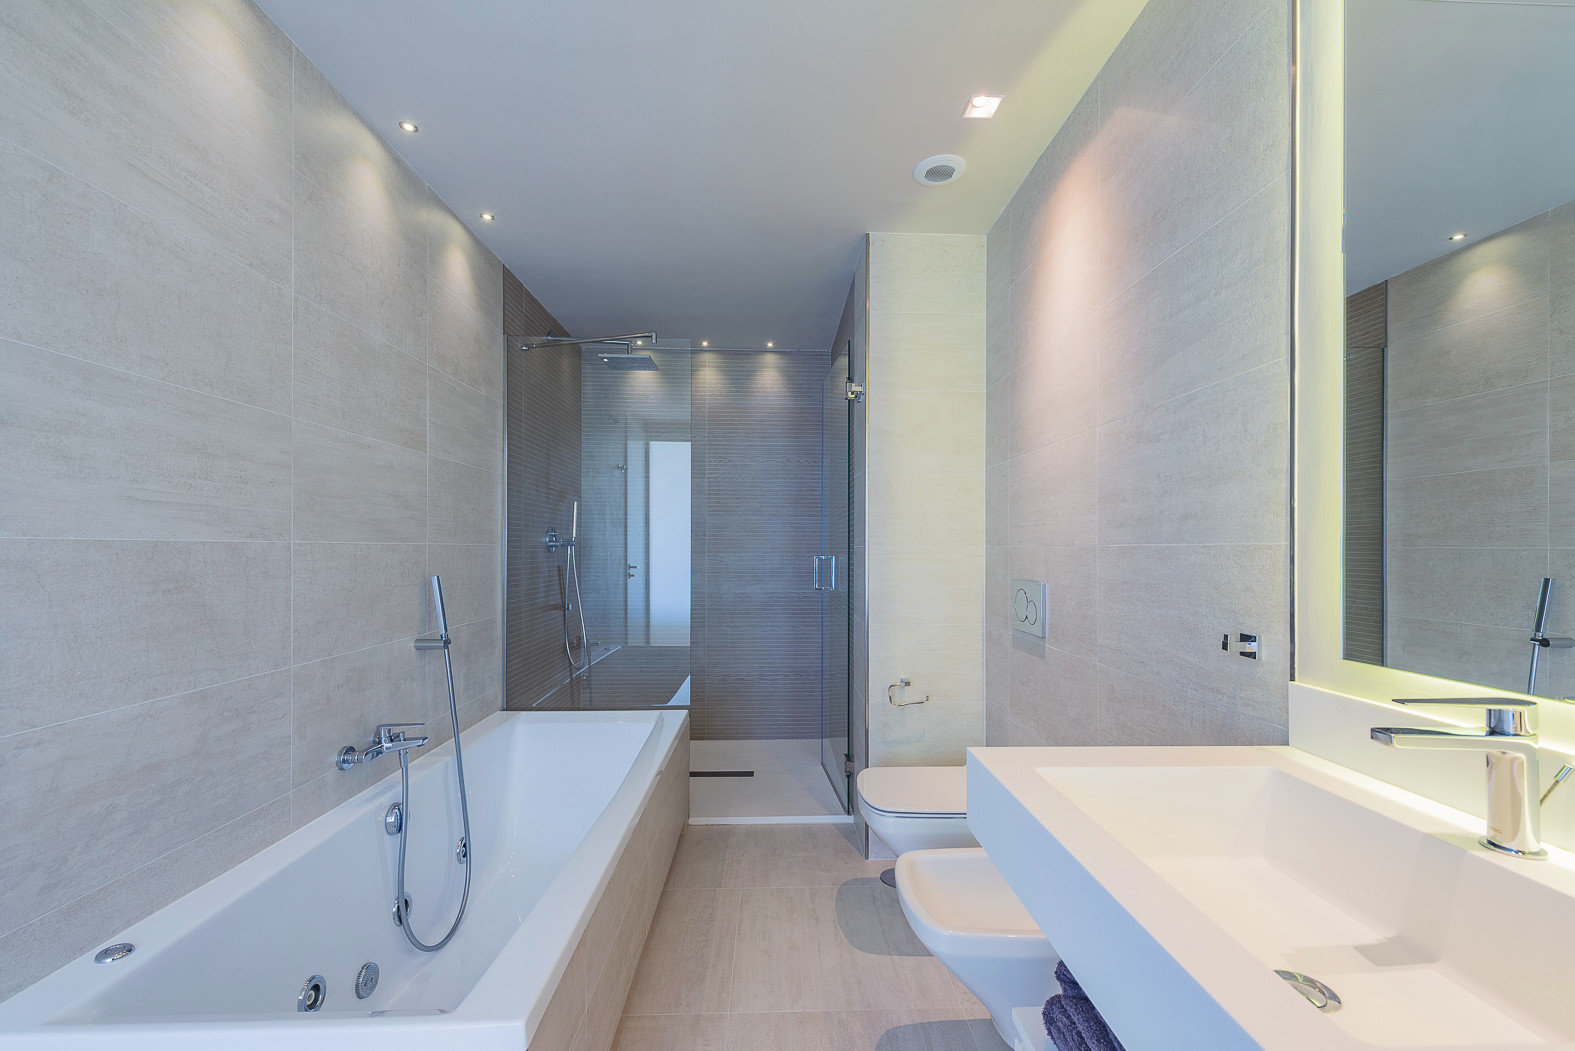 Modernes Badezimmer mit Regenwasserdusche.